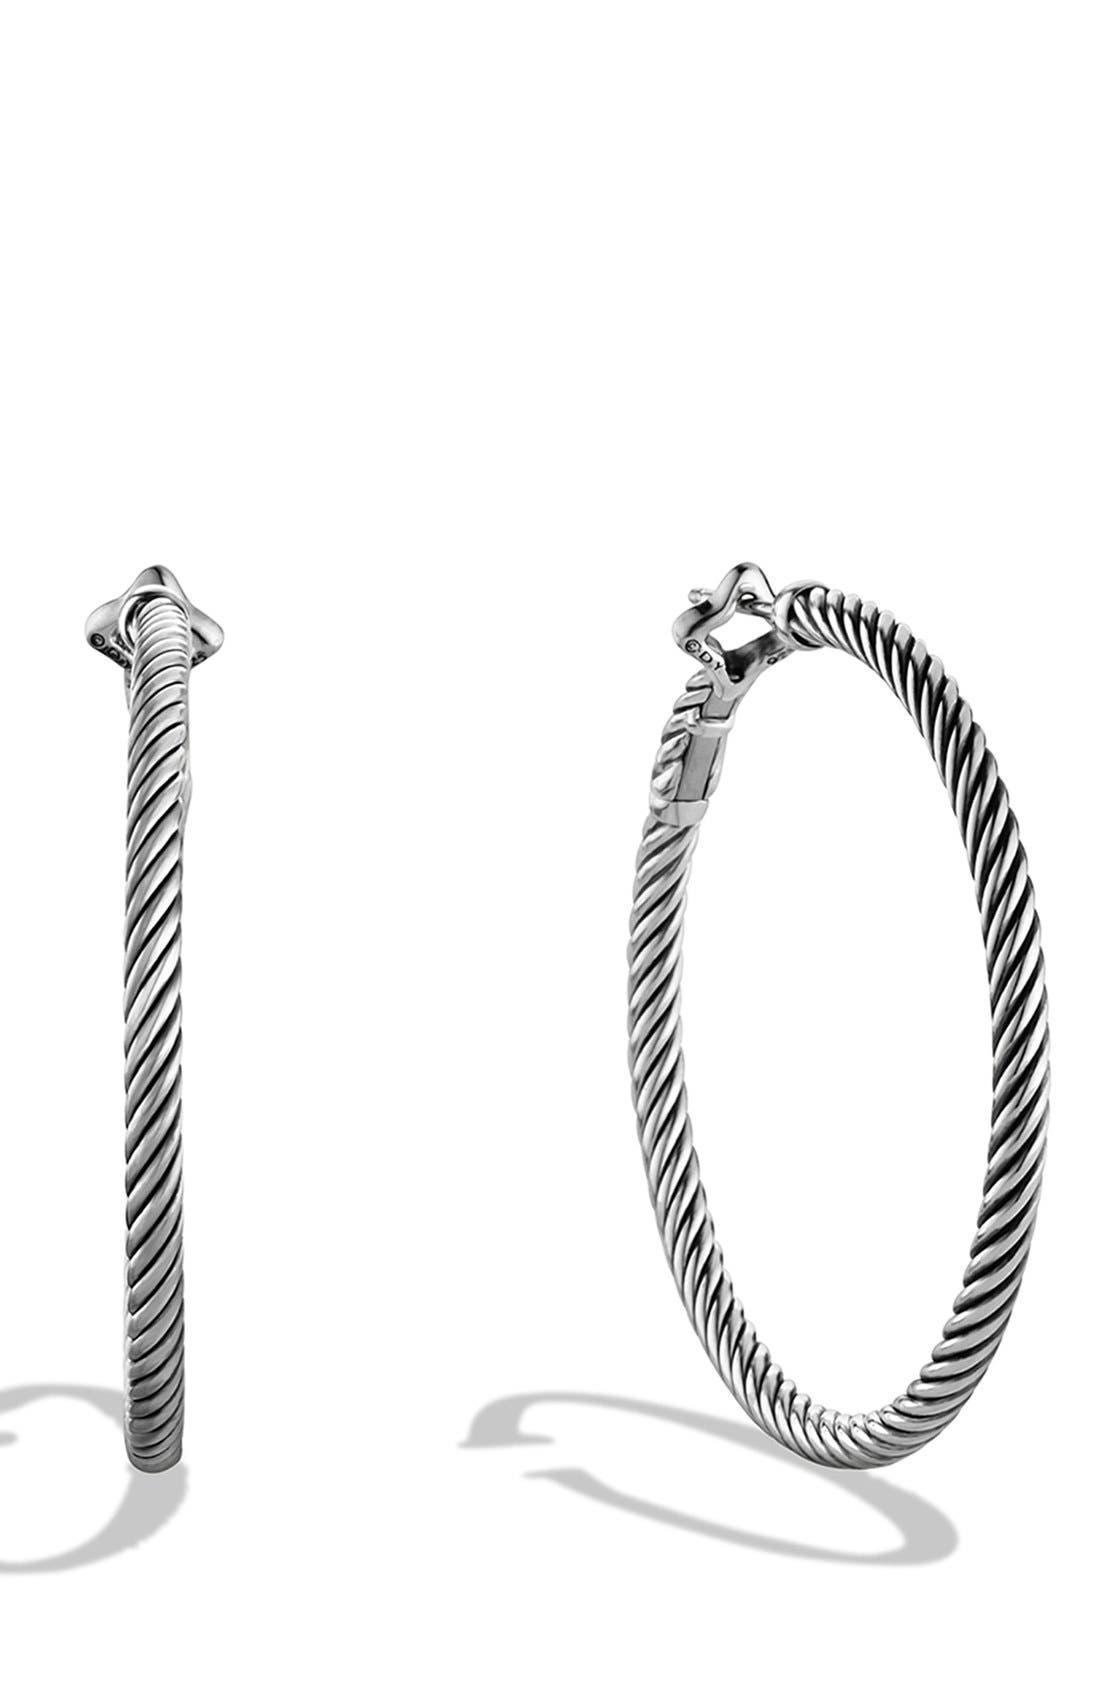 DAVID YURMAN, 'Cable Classics' Large Hoop Earrings, Main thumbnail 1, color, SILVER